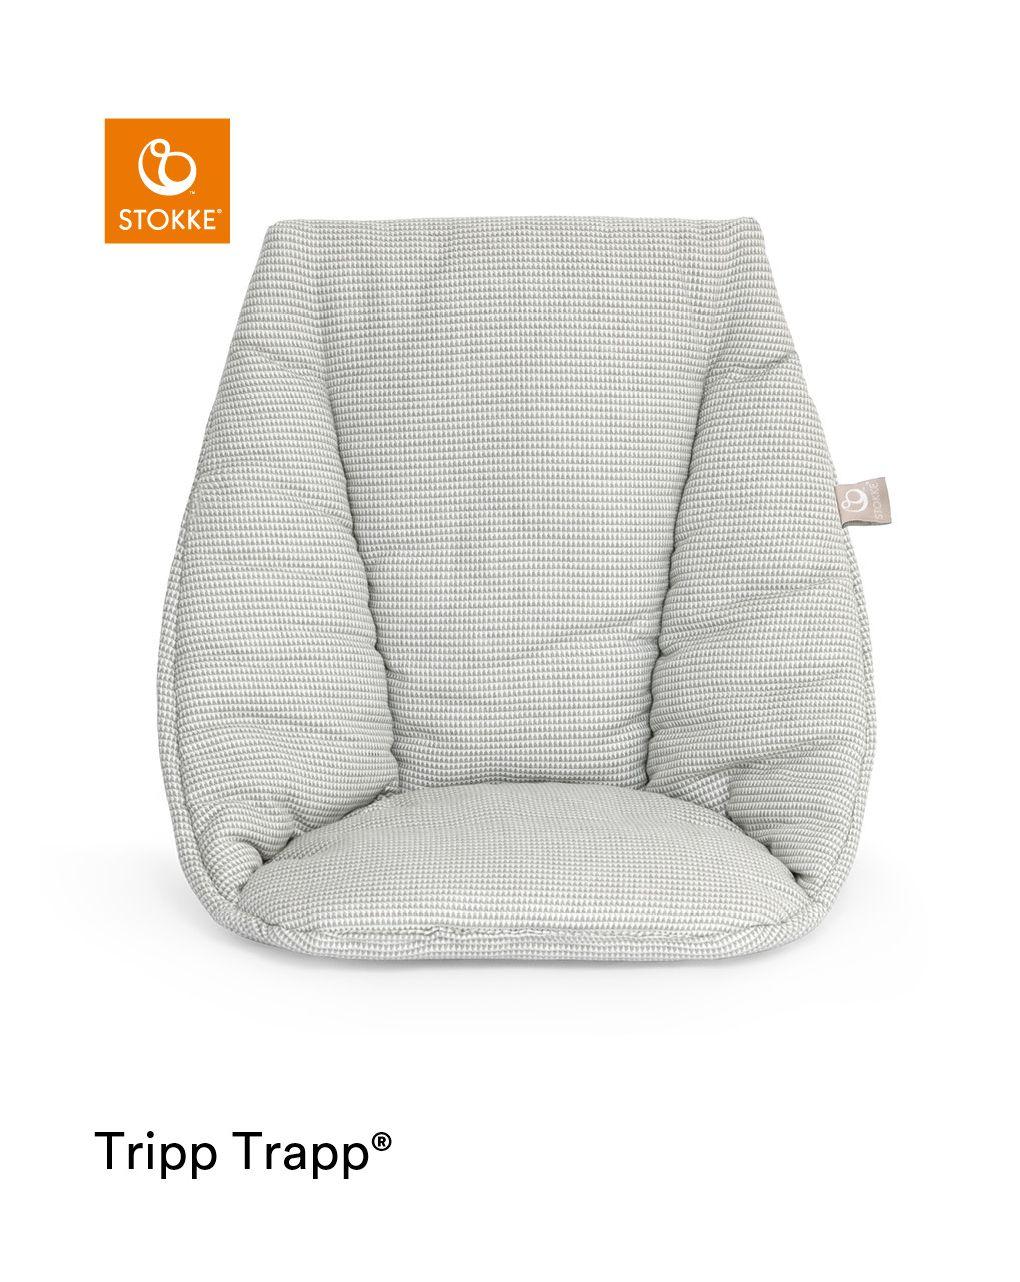 Tripp trapp® baby cushion aggiungi morbidezza, sostegno e comodità a tripp trapp® baby set - Stokke